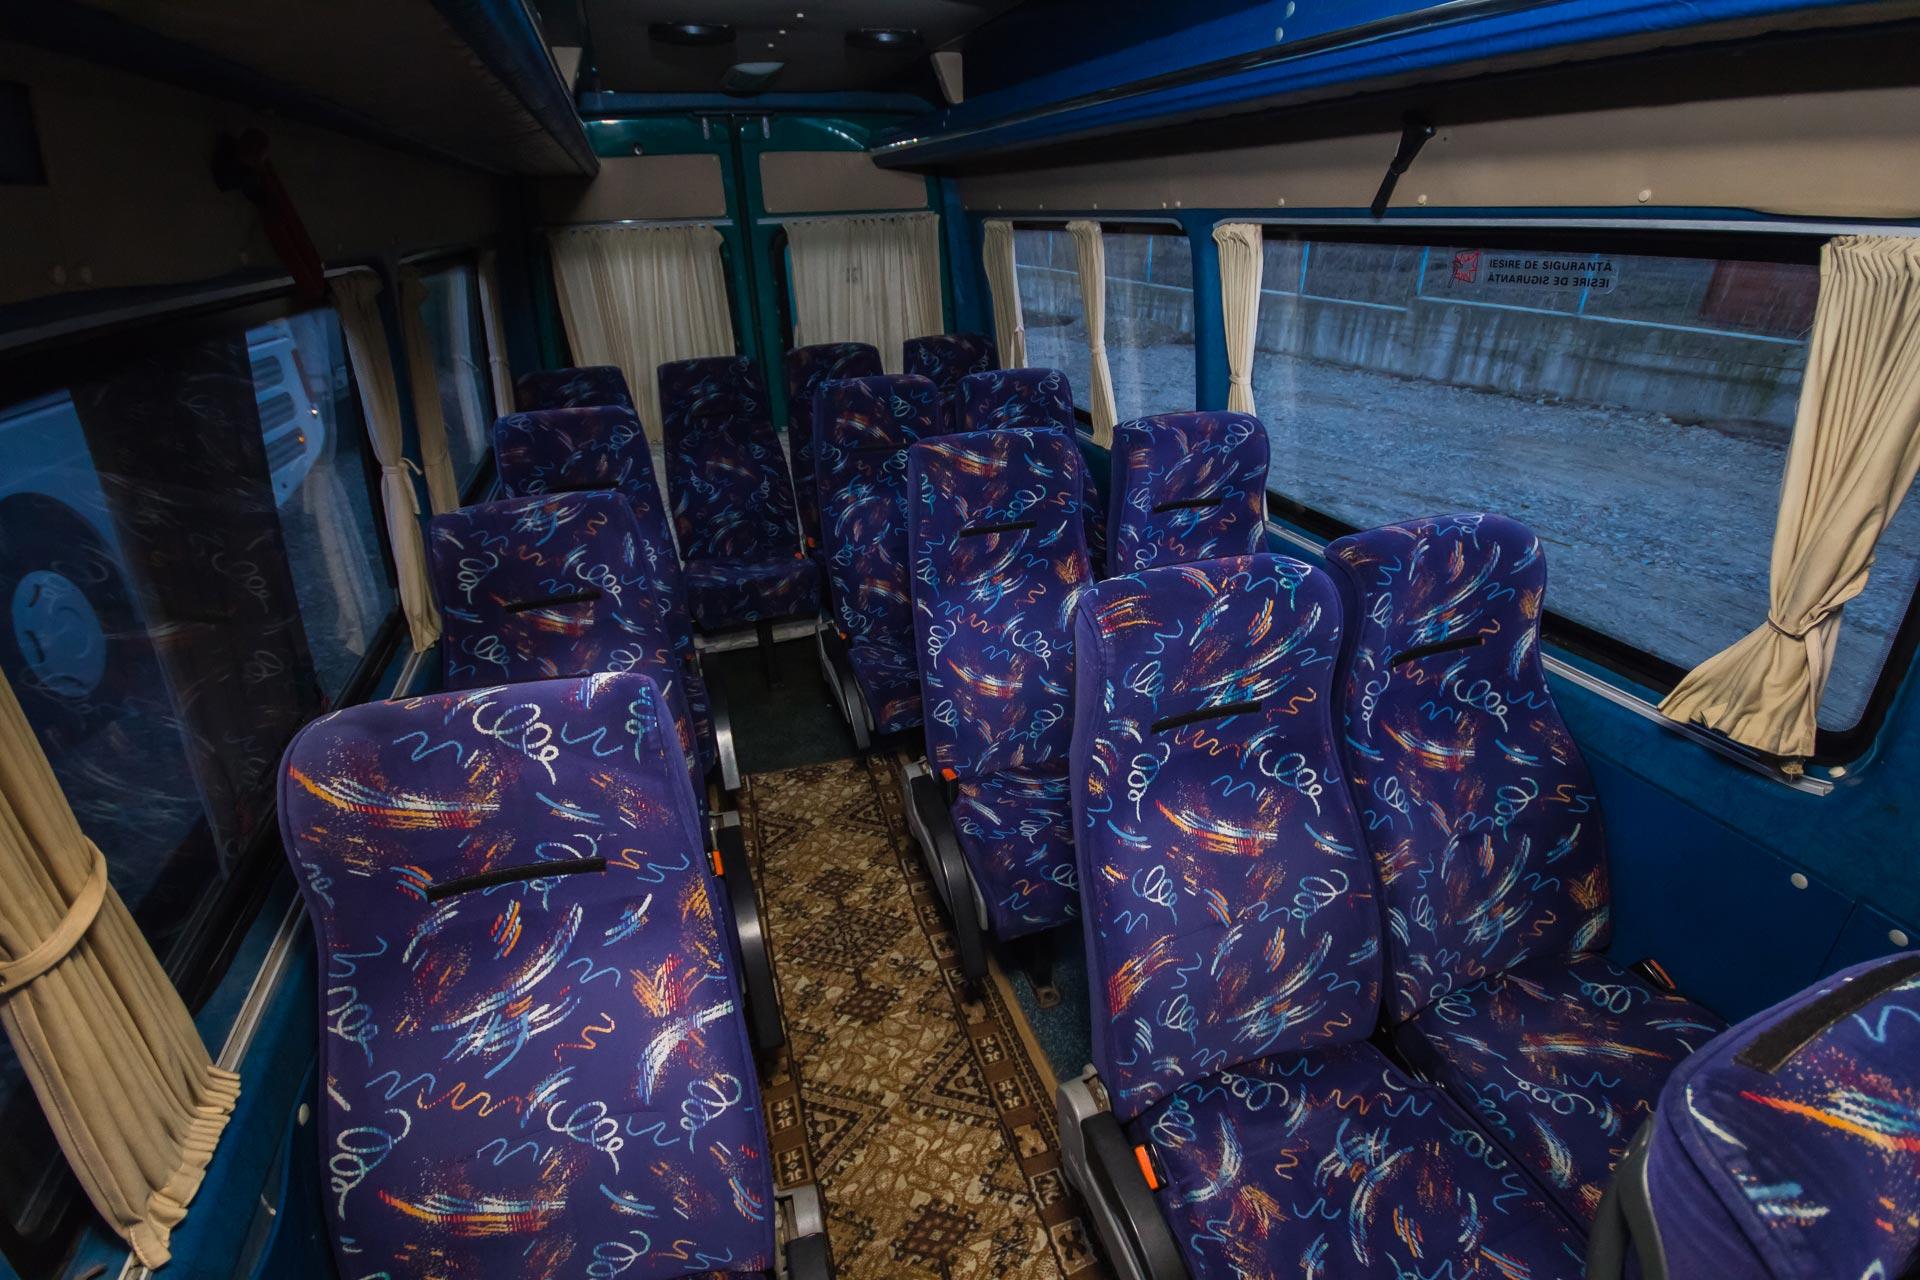 Inchiriere autocare si microbuze